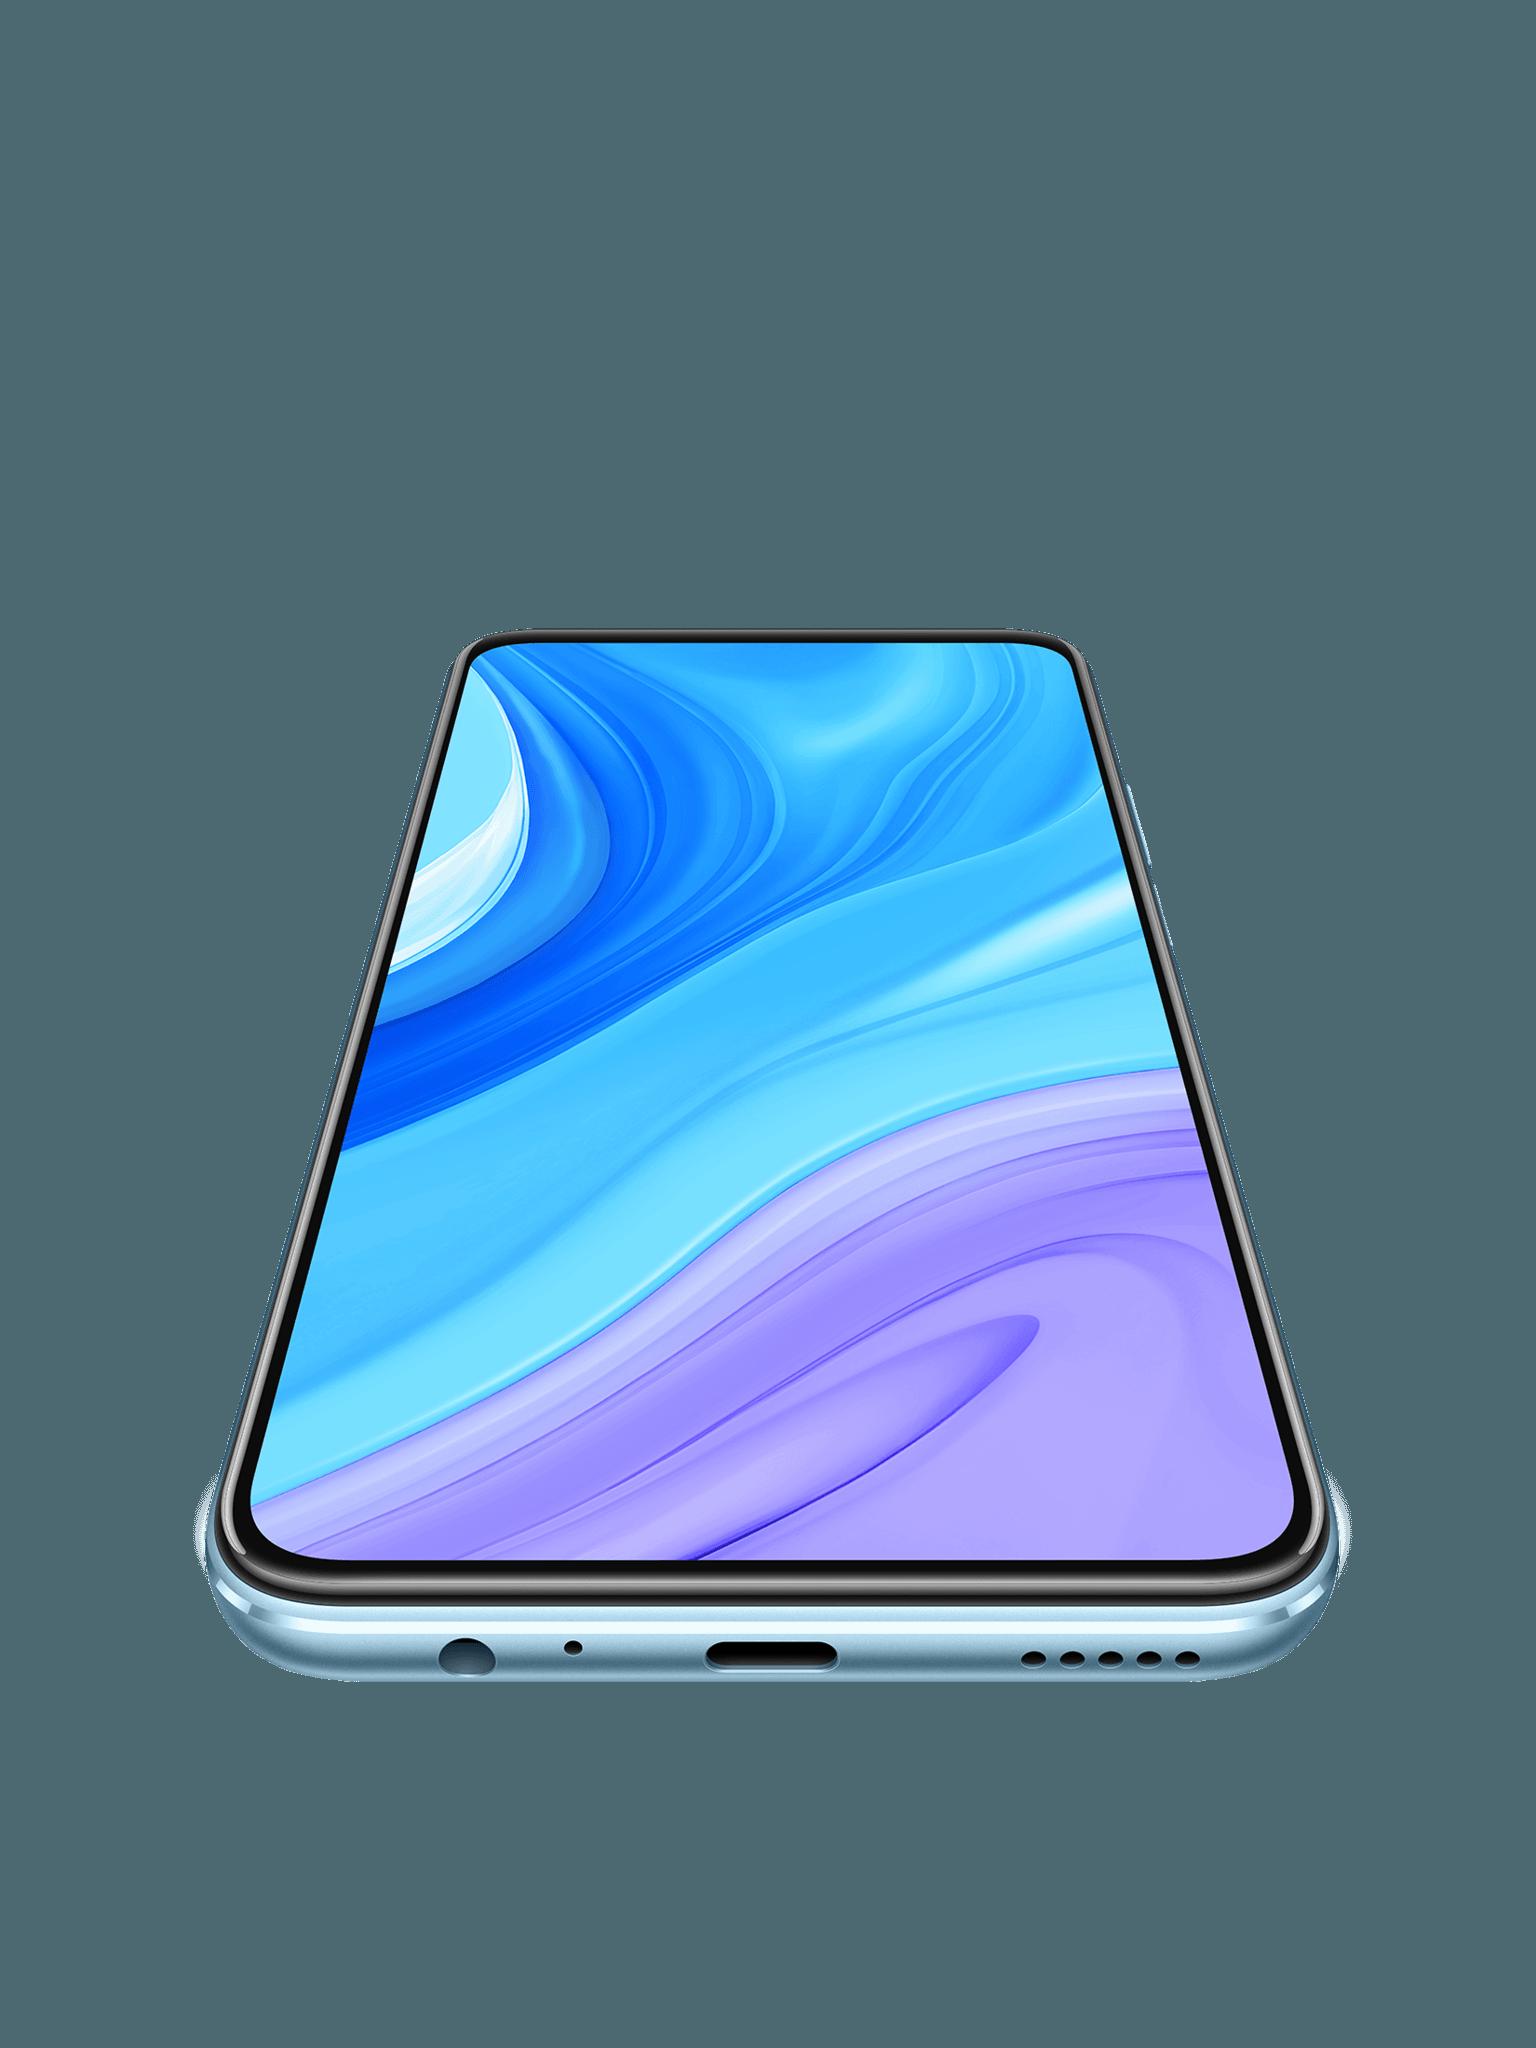 Huawei P Smart 2020 E P Smart Pro: Fotocamera E Performance Da Top Di Gamma Ad Un Prezzo Accessibile 8 - Hynerd.it